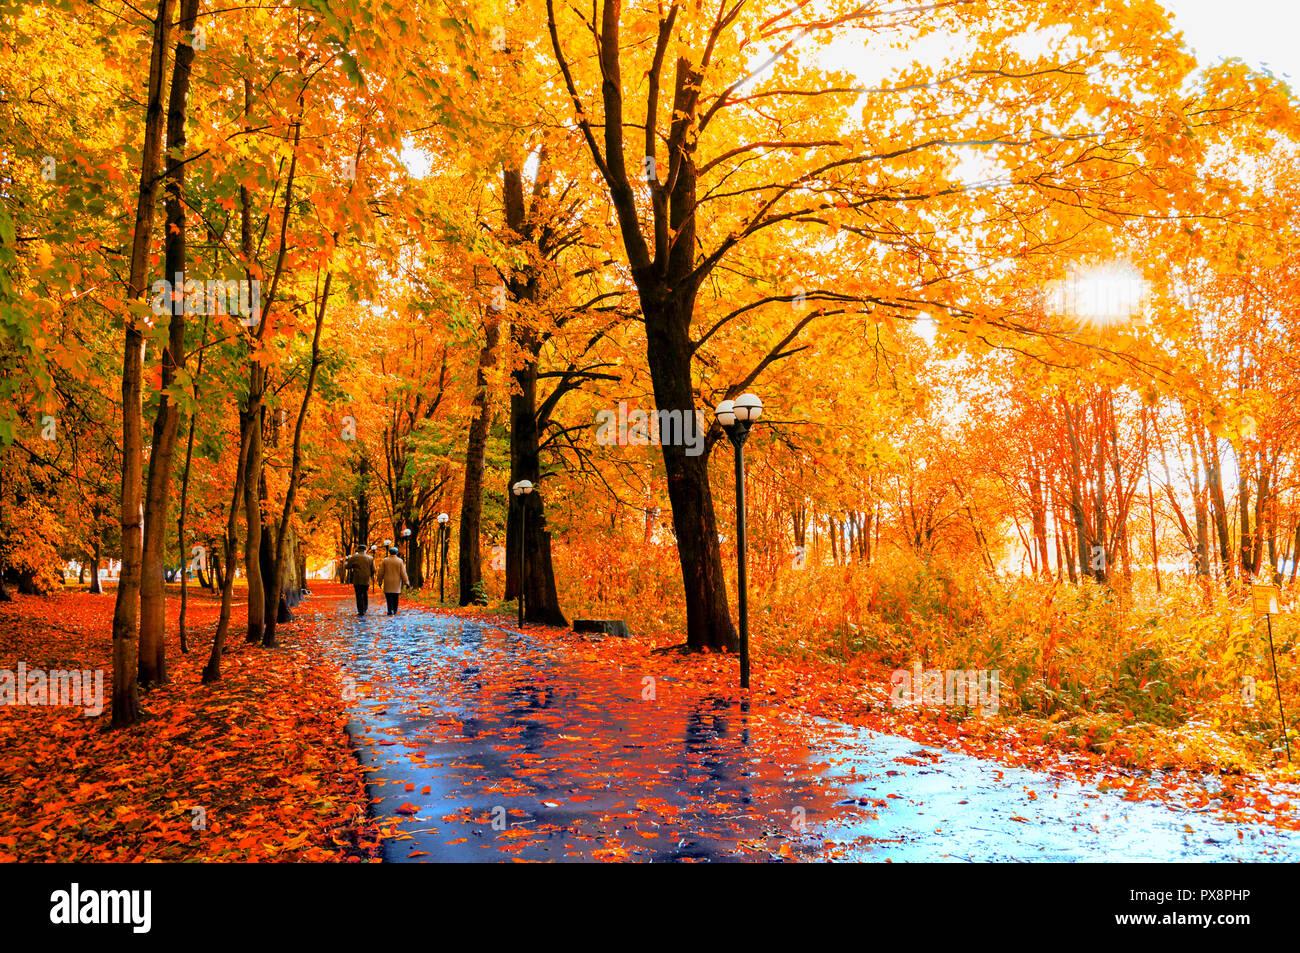 autumn landscape autumn trees